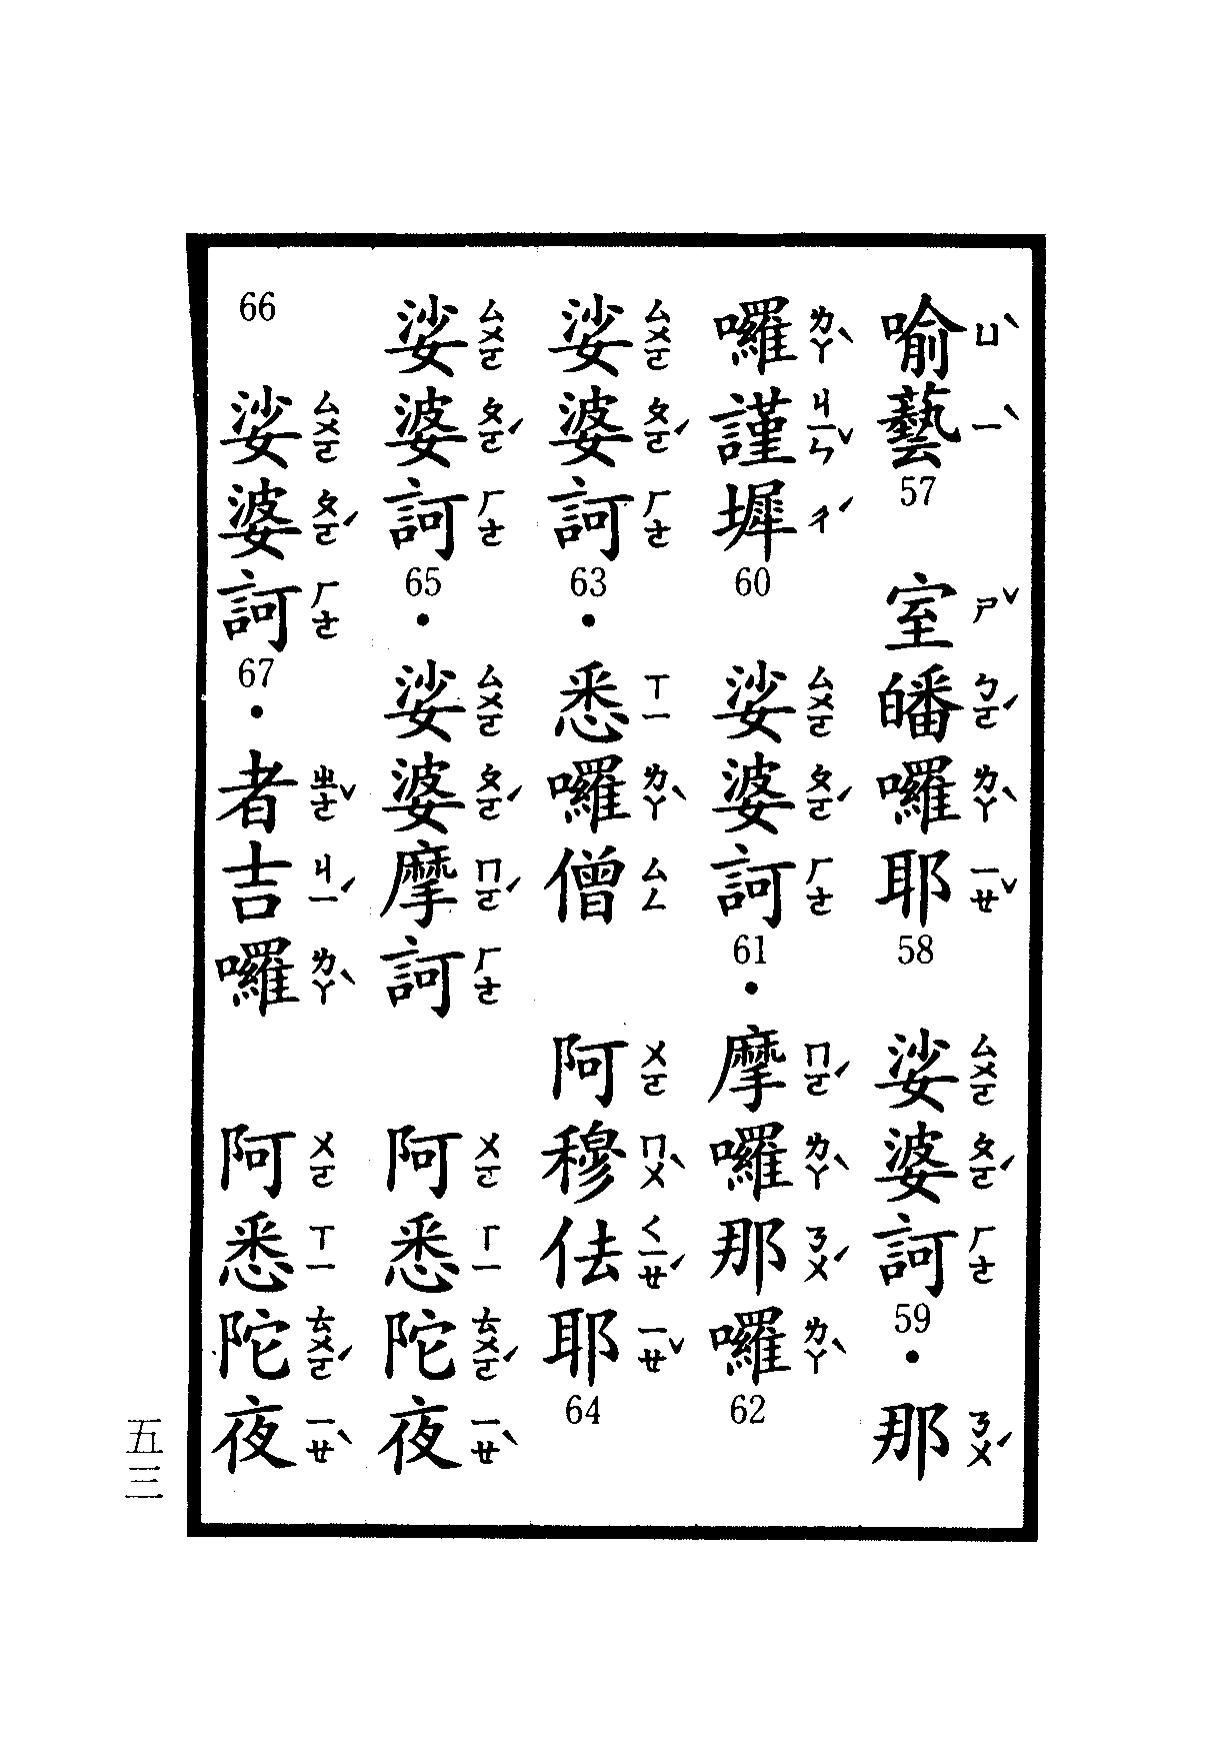 楞嚴咒-大悲咒-十小咒-易背本 59.png